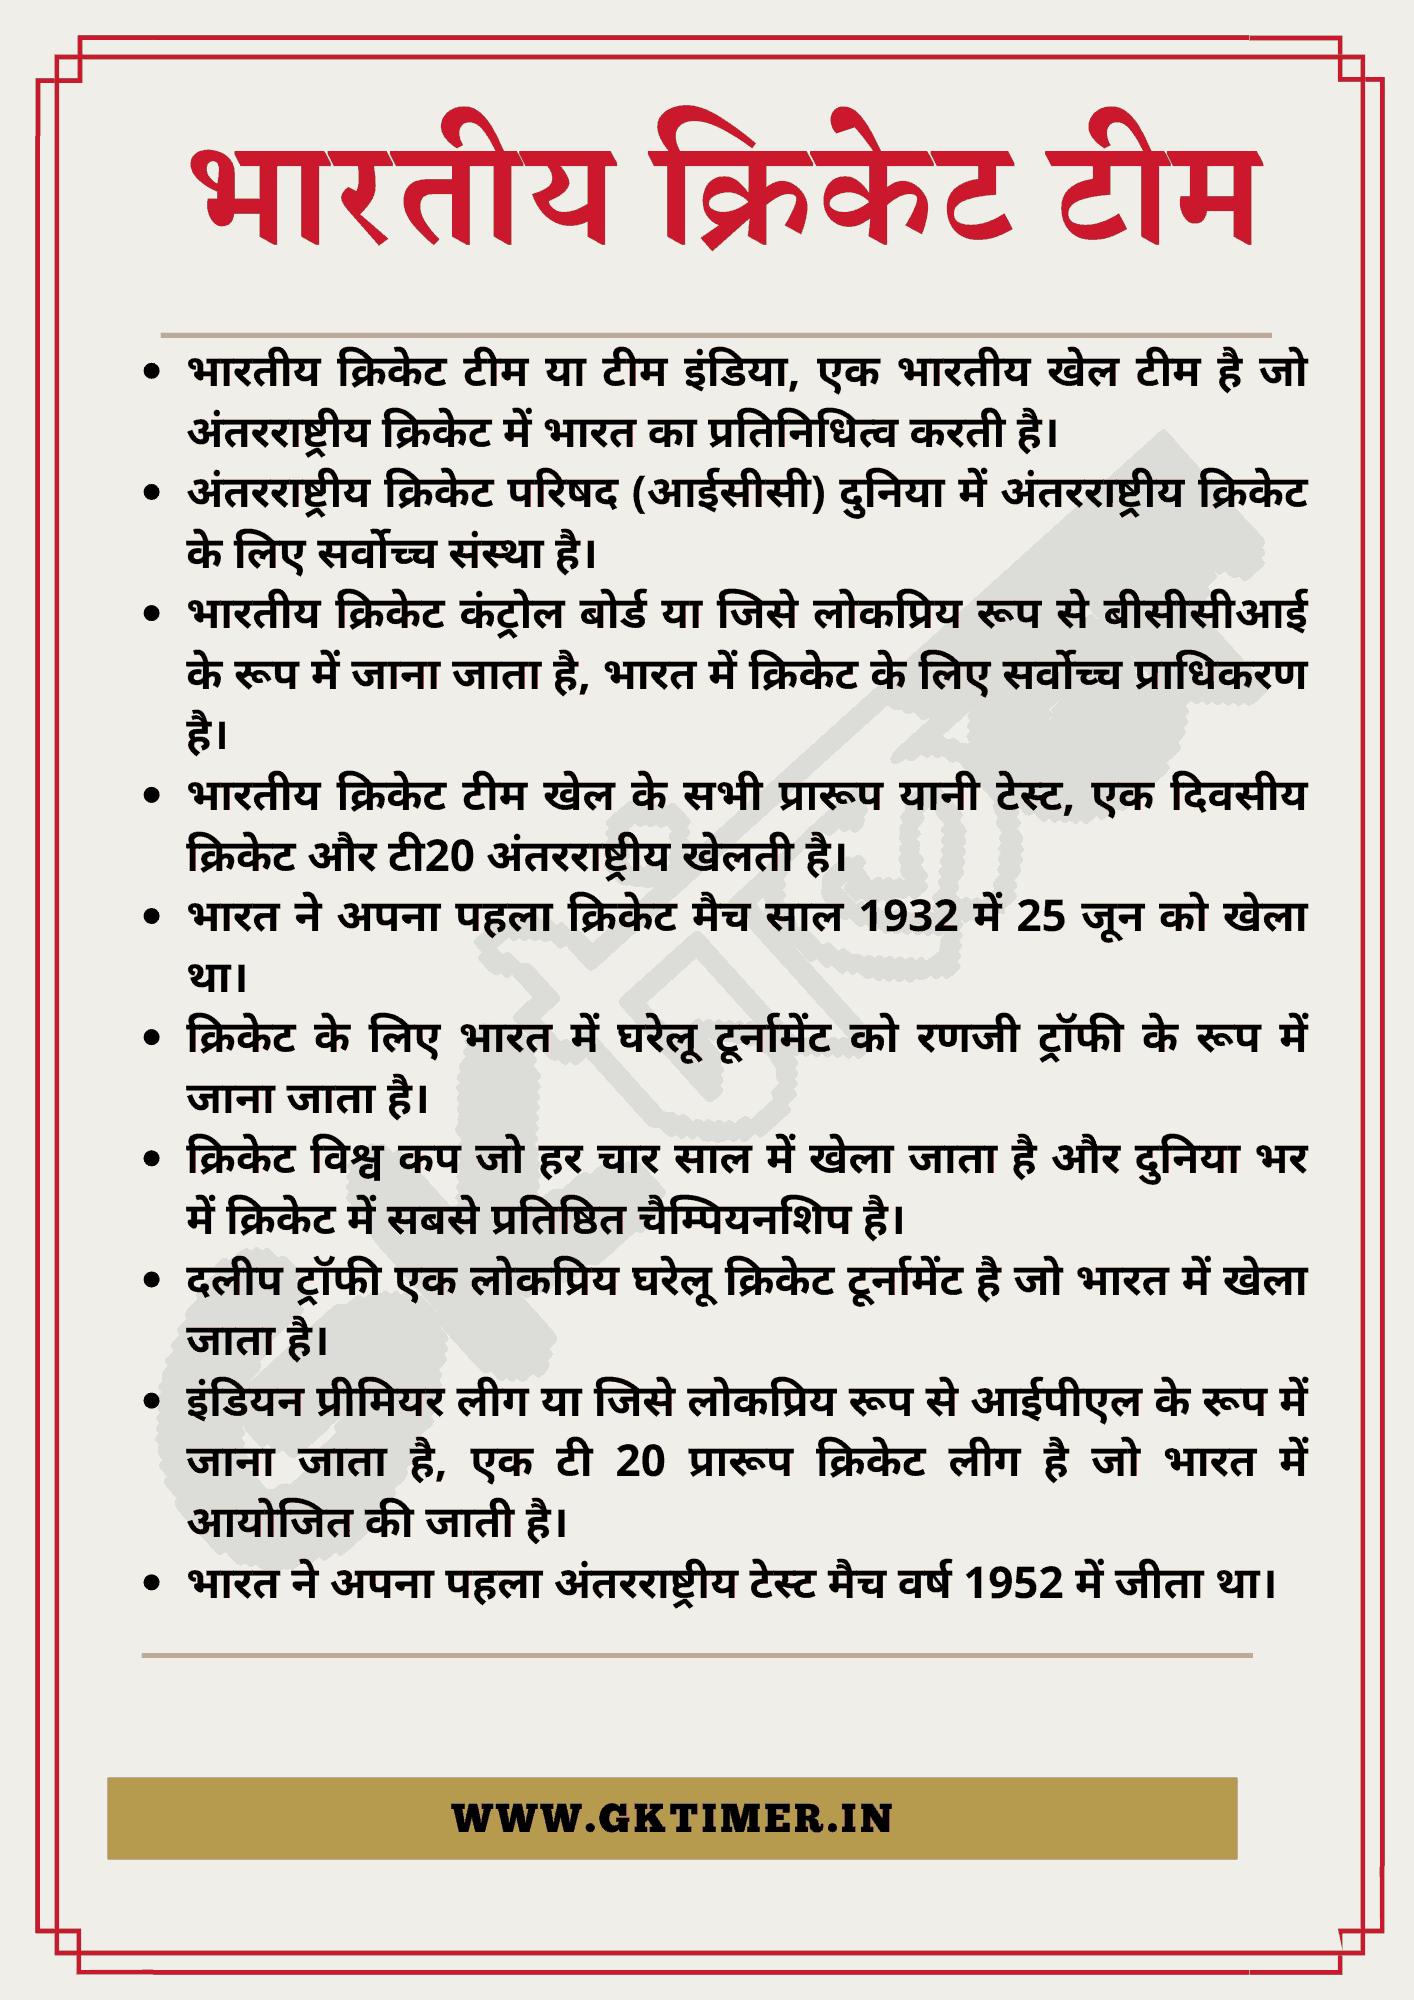 भारतीय क्रिकेट टीम पर निबंध | Essay on Indian Cricket Team in Hindi | 10 Lines on Indian Cricket Team in Hindi